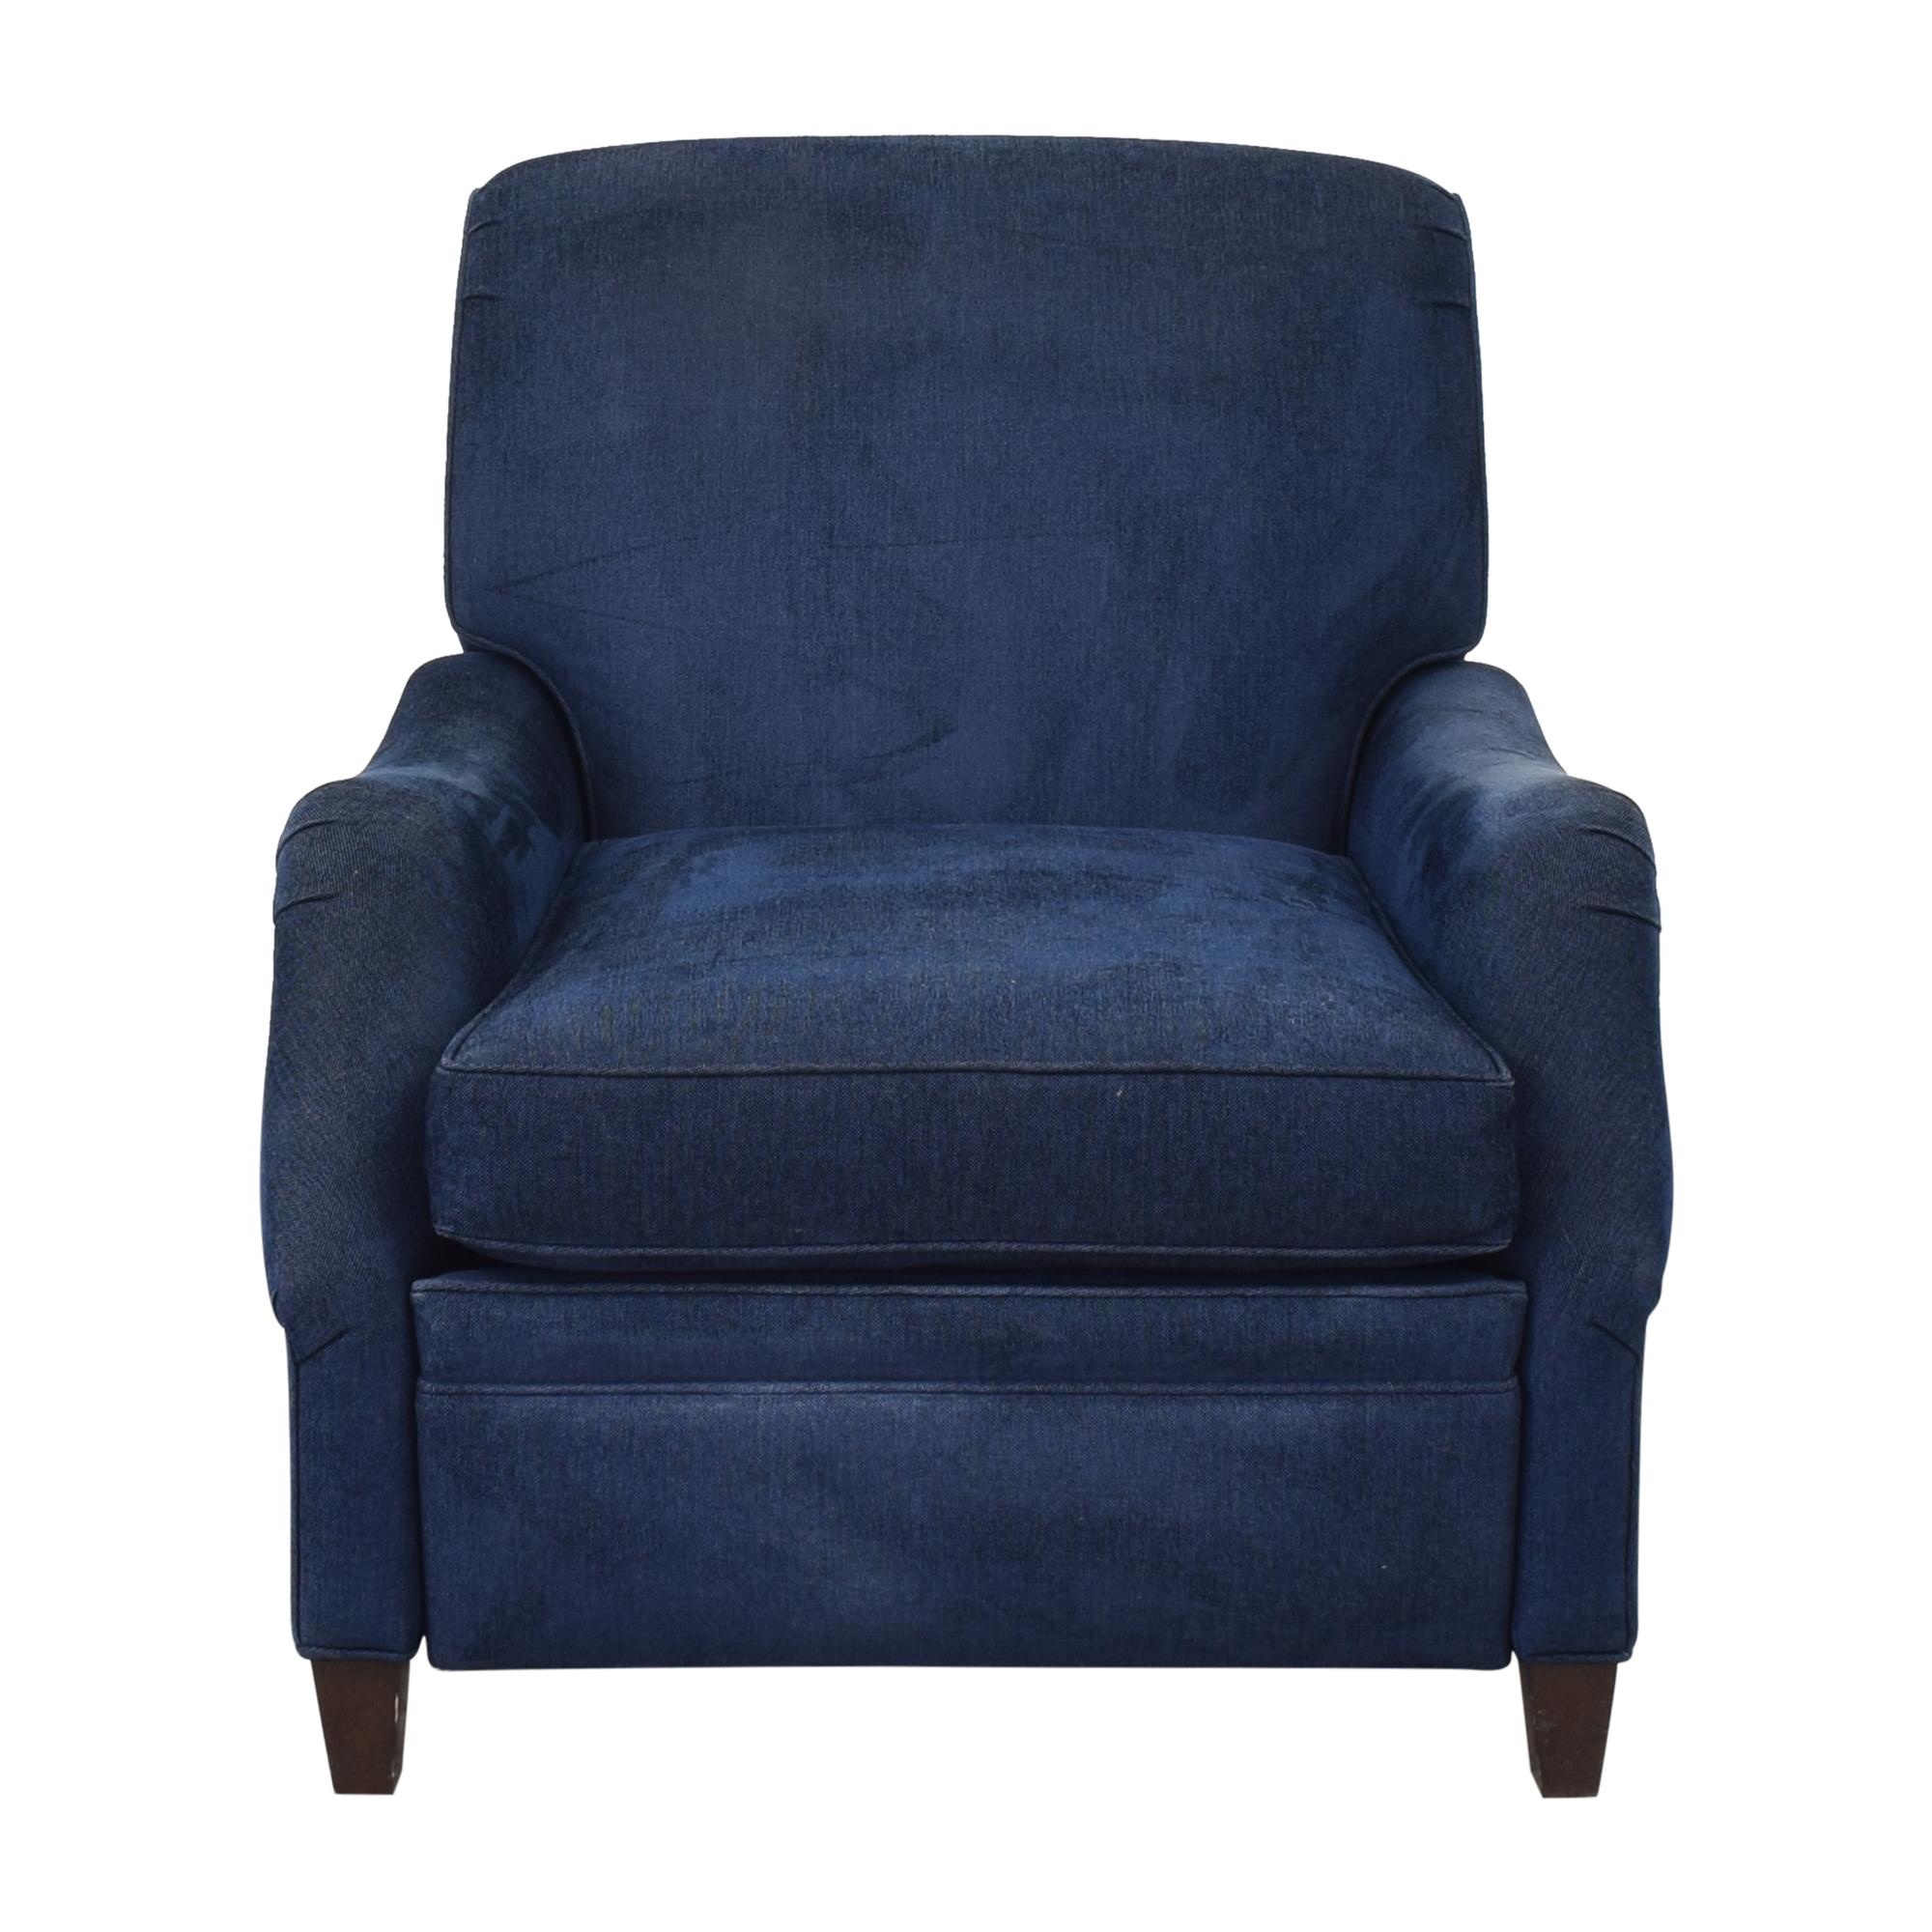 Edward Ferrell Recliner Chair / Chairs